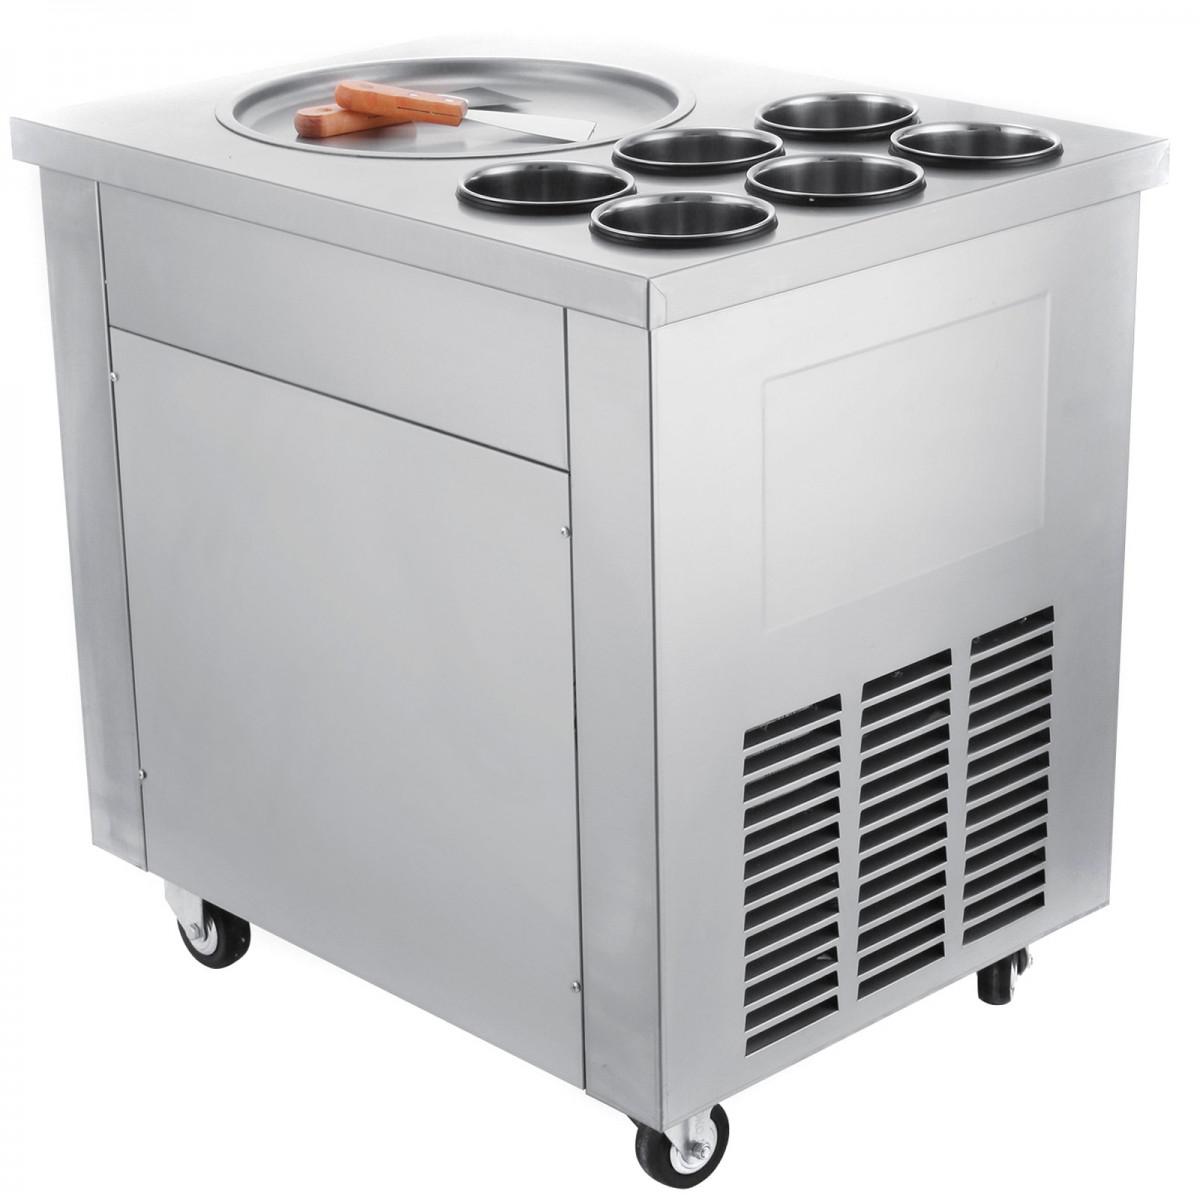 Maszyna do lodów TAJSKICH SONORO 740W